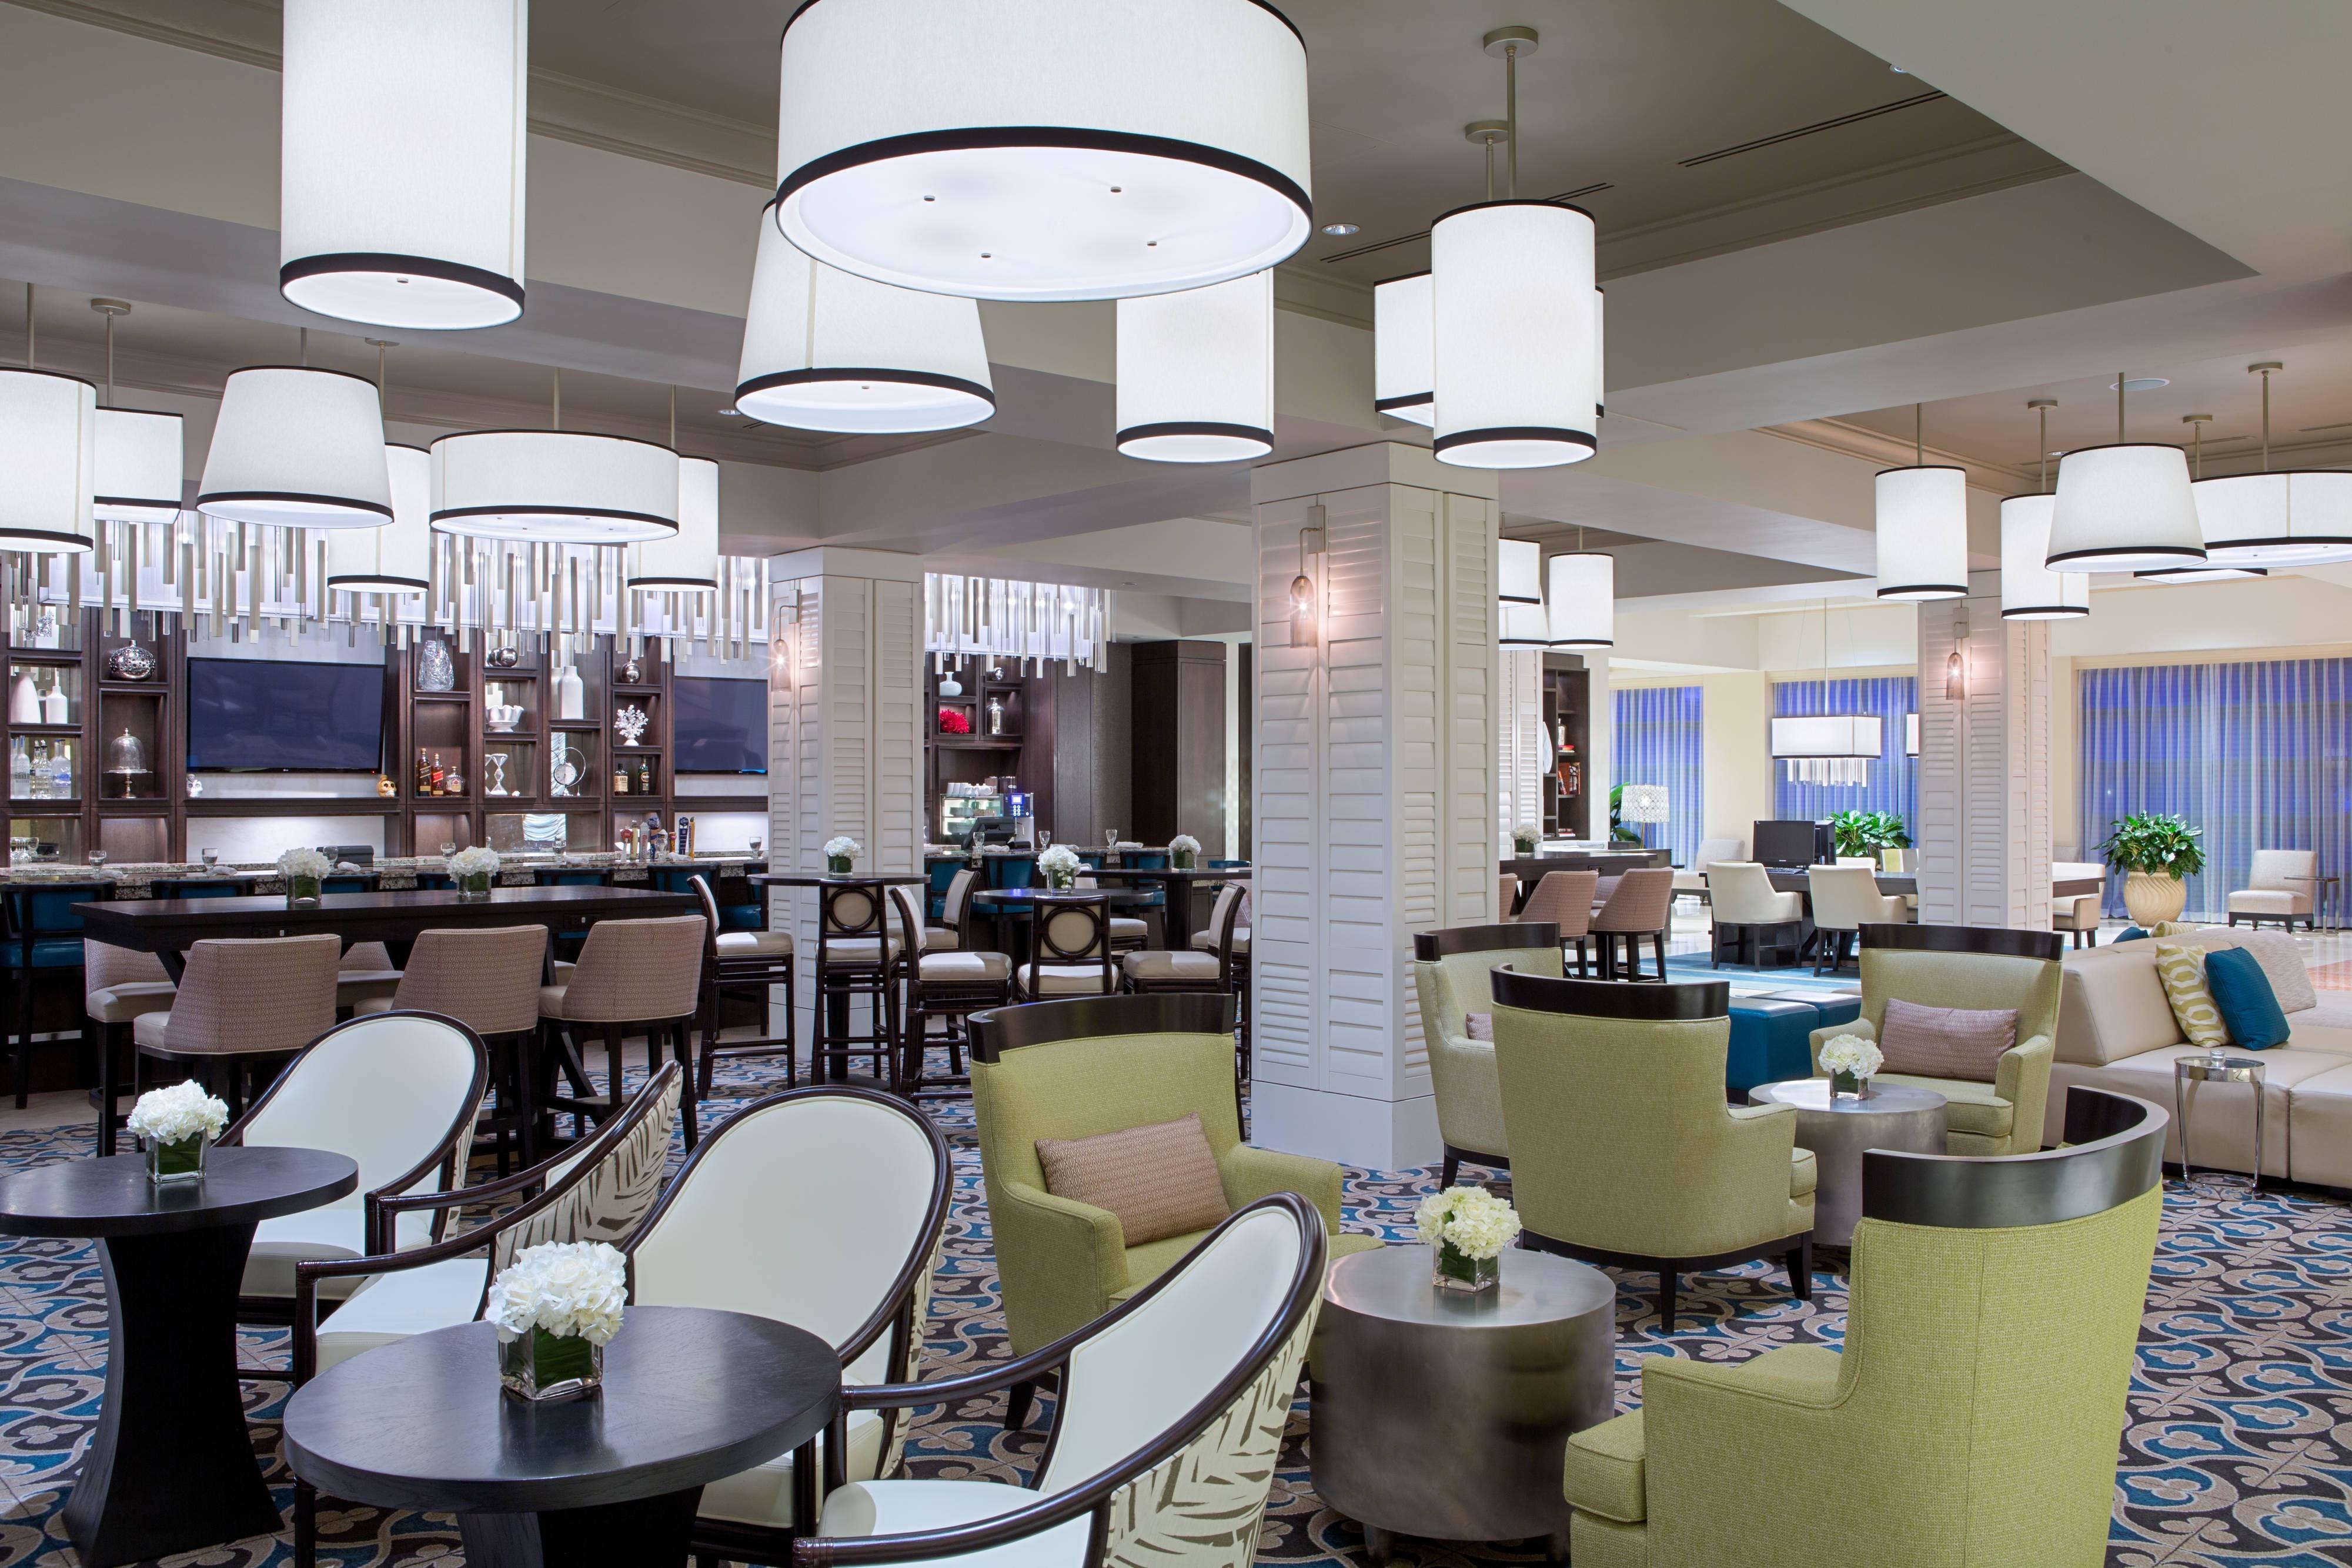 Boca Raton Luxury Hotel Lobby